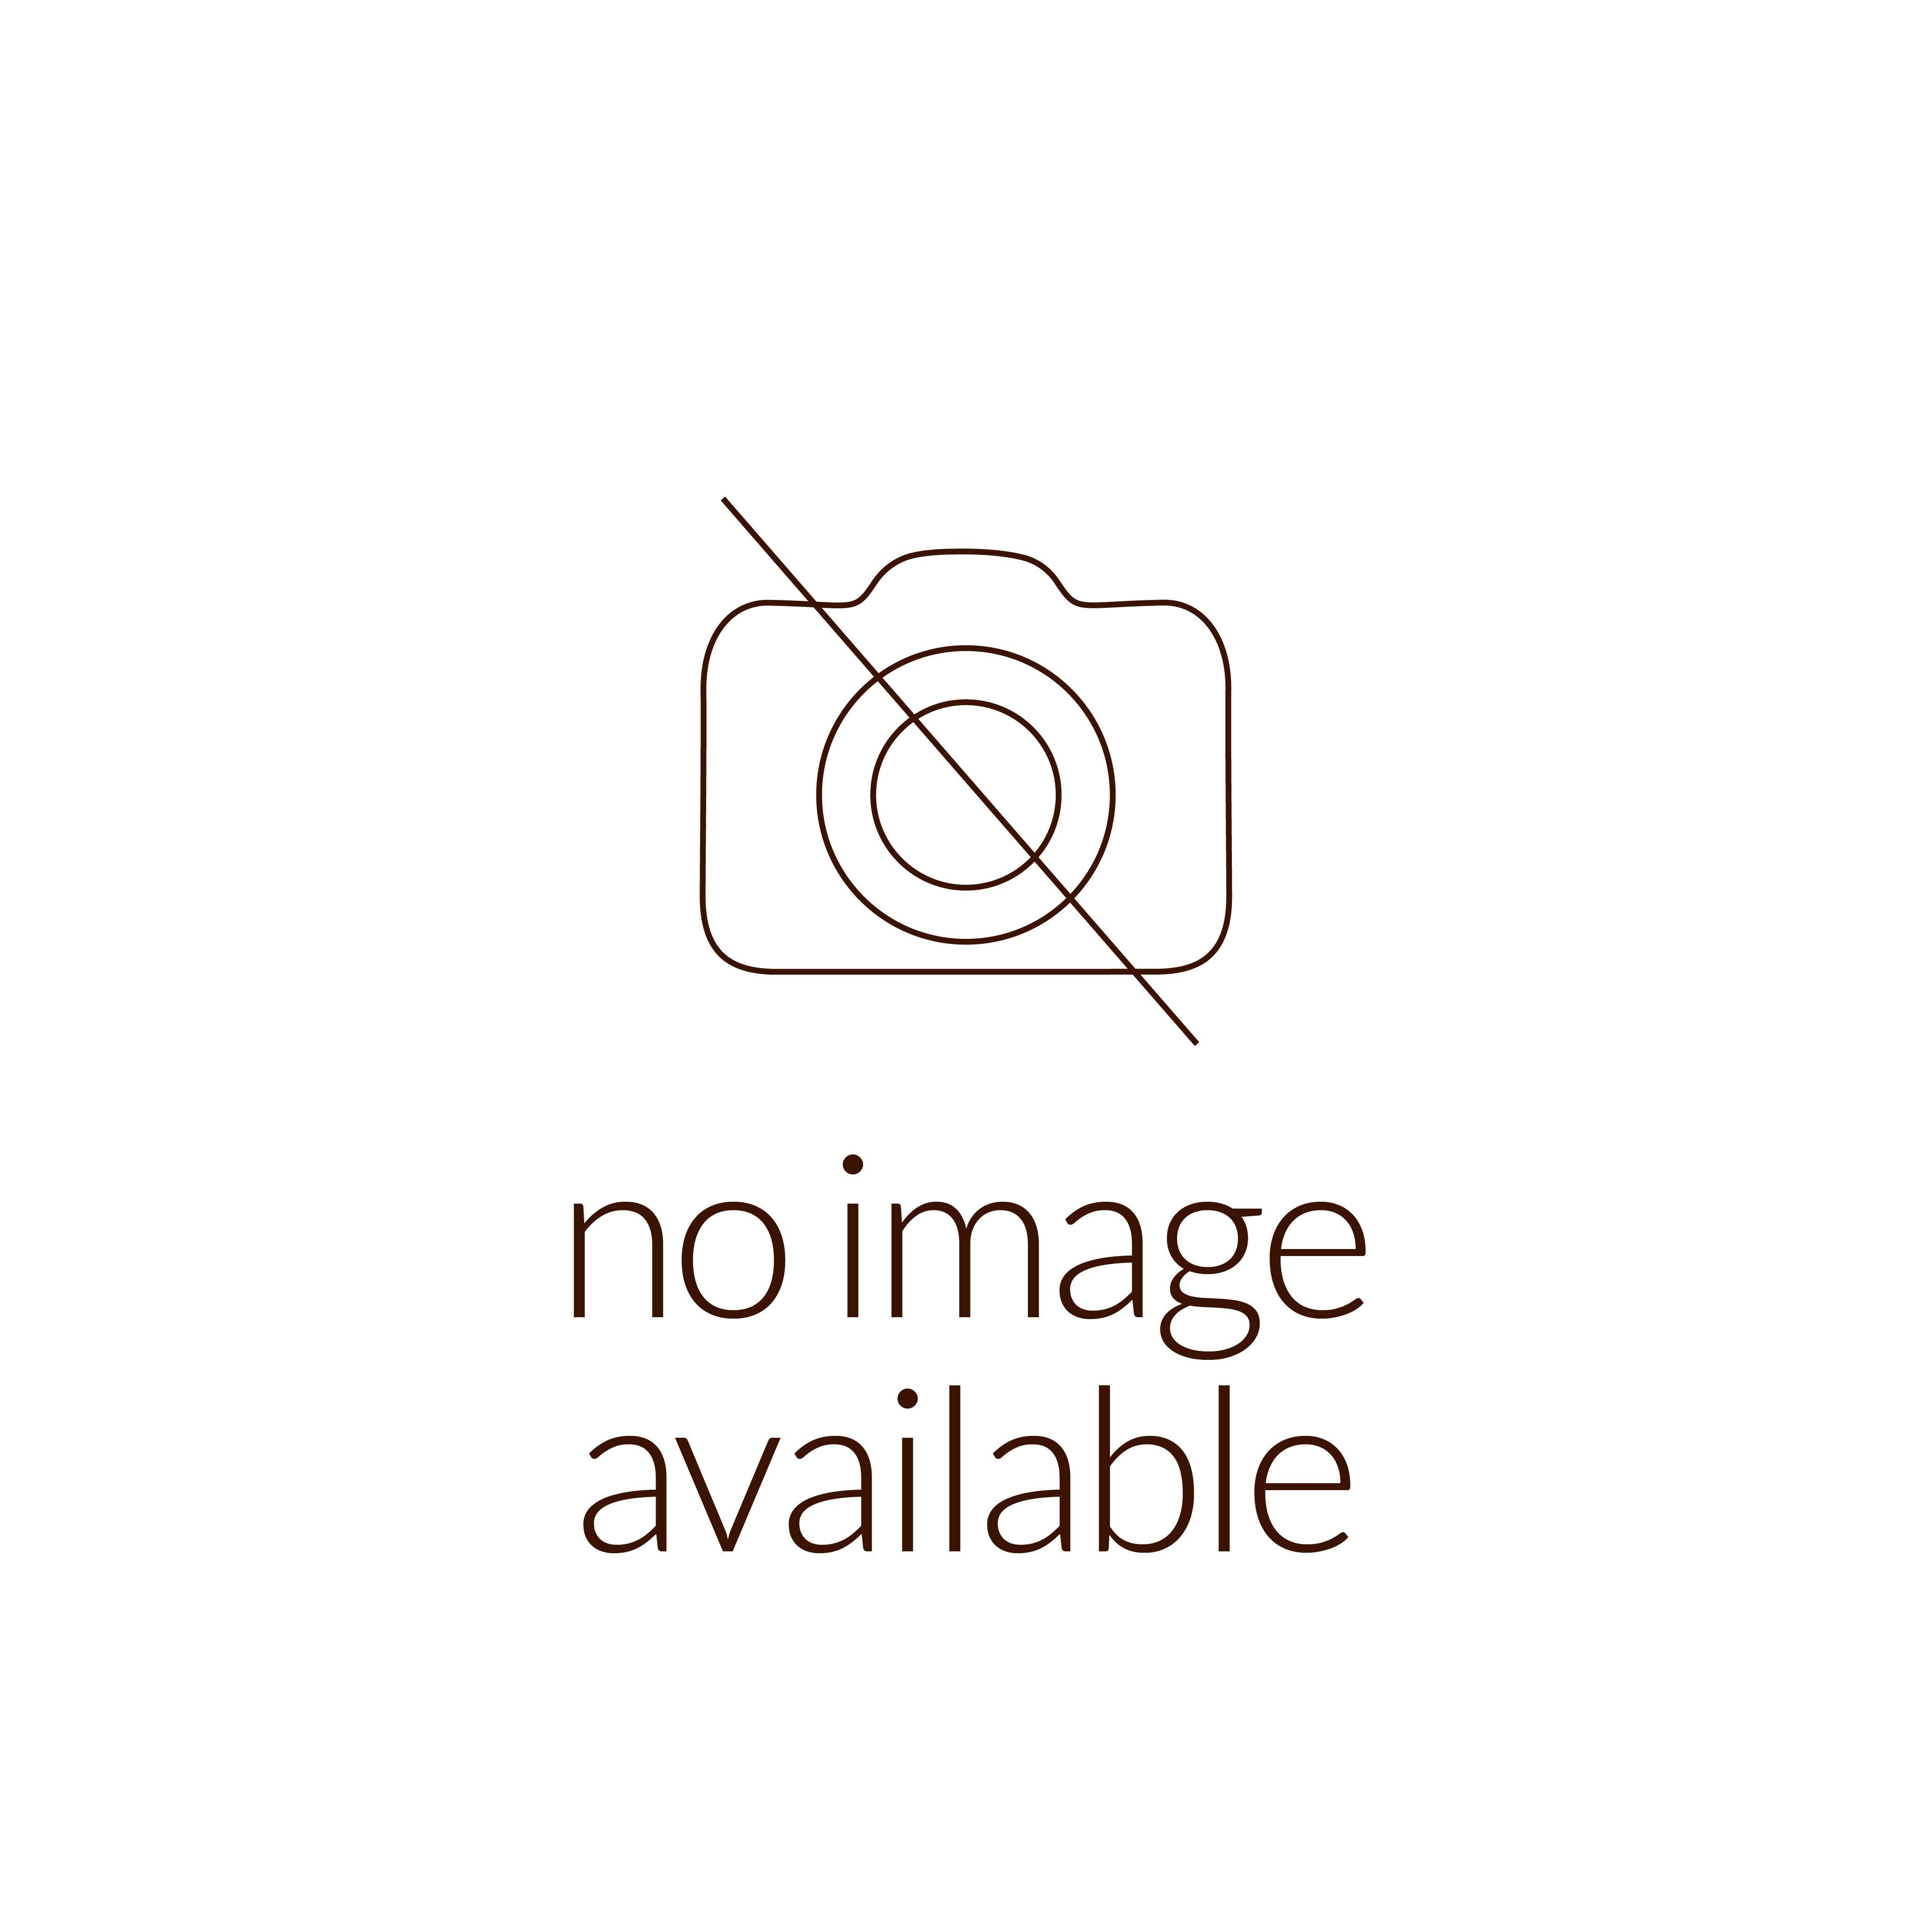 זהב להשקעה, מטיל זהב טהור, 2 גרם - צד הנושא